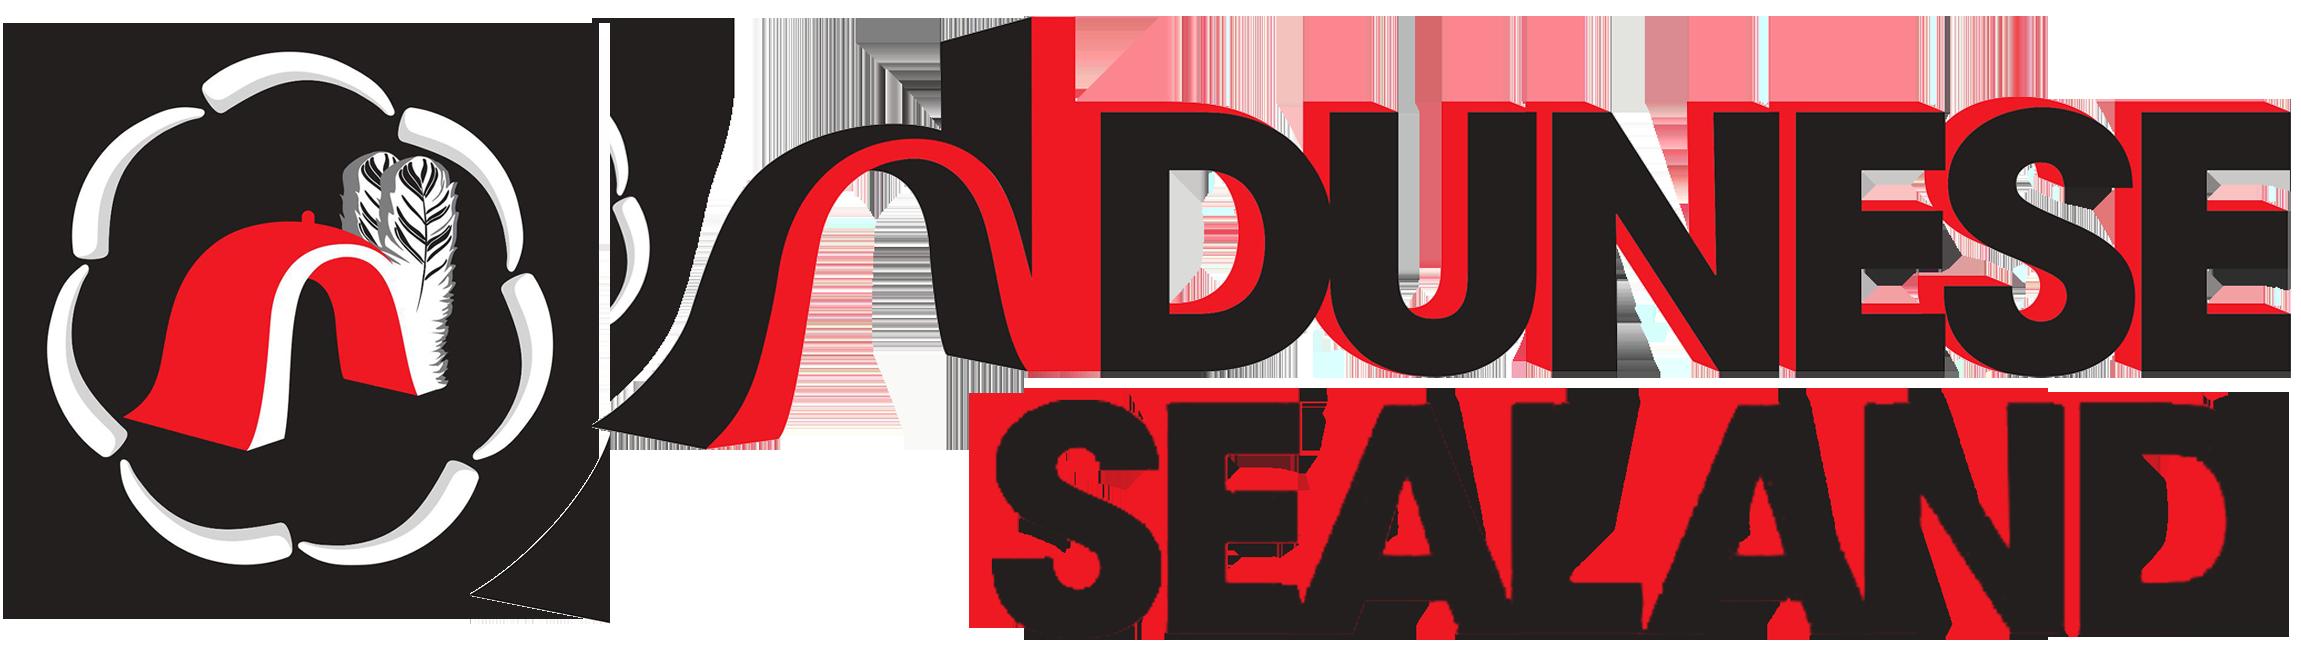 Ndunese Sealand